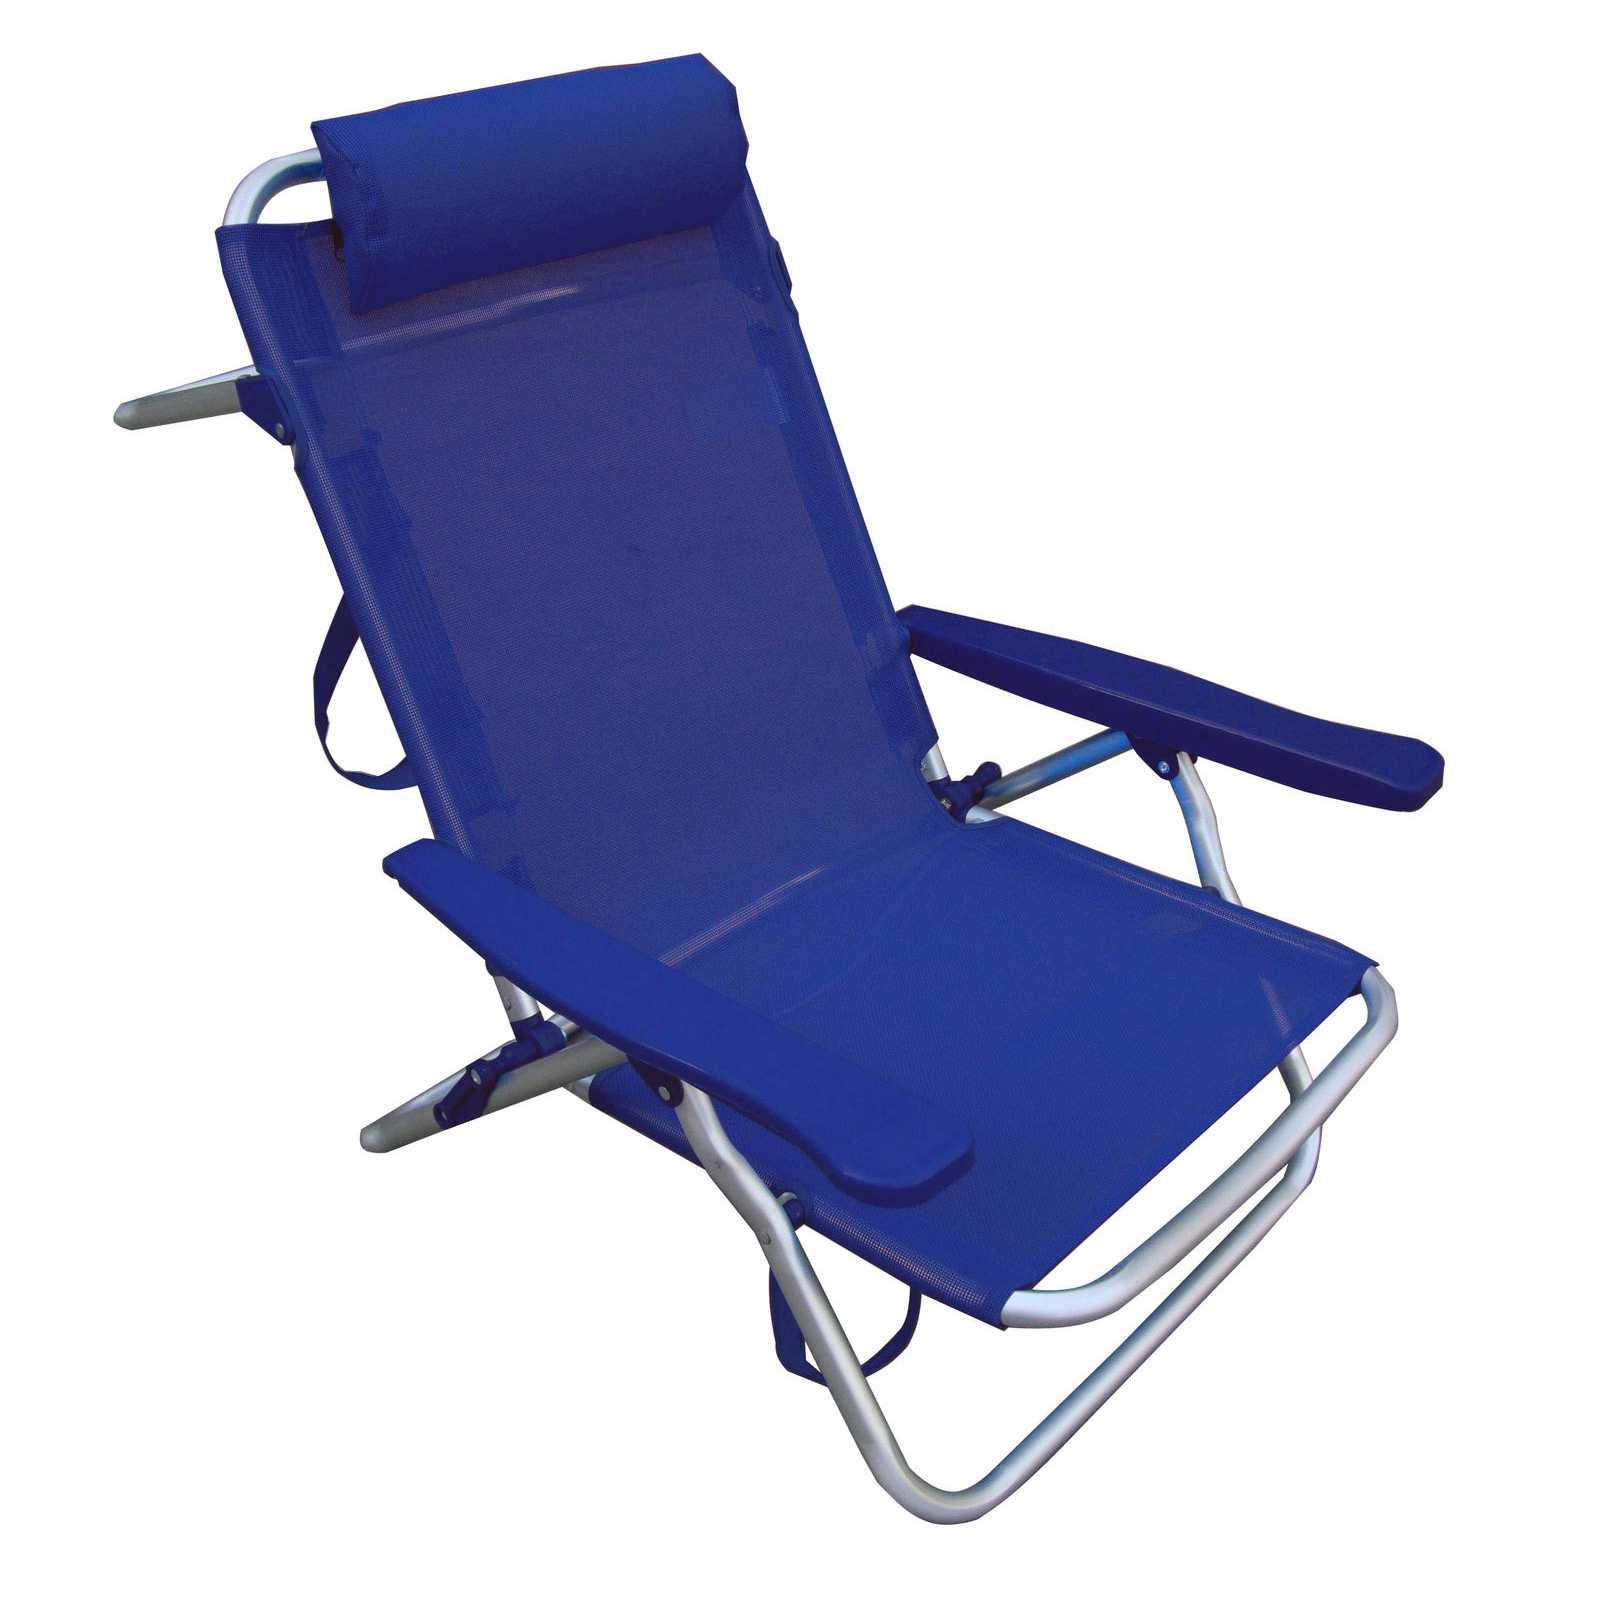 Spiaggina blu reclinabile 53x62x77h  in tubolare di alluminio